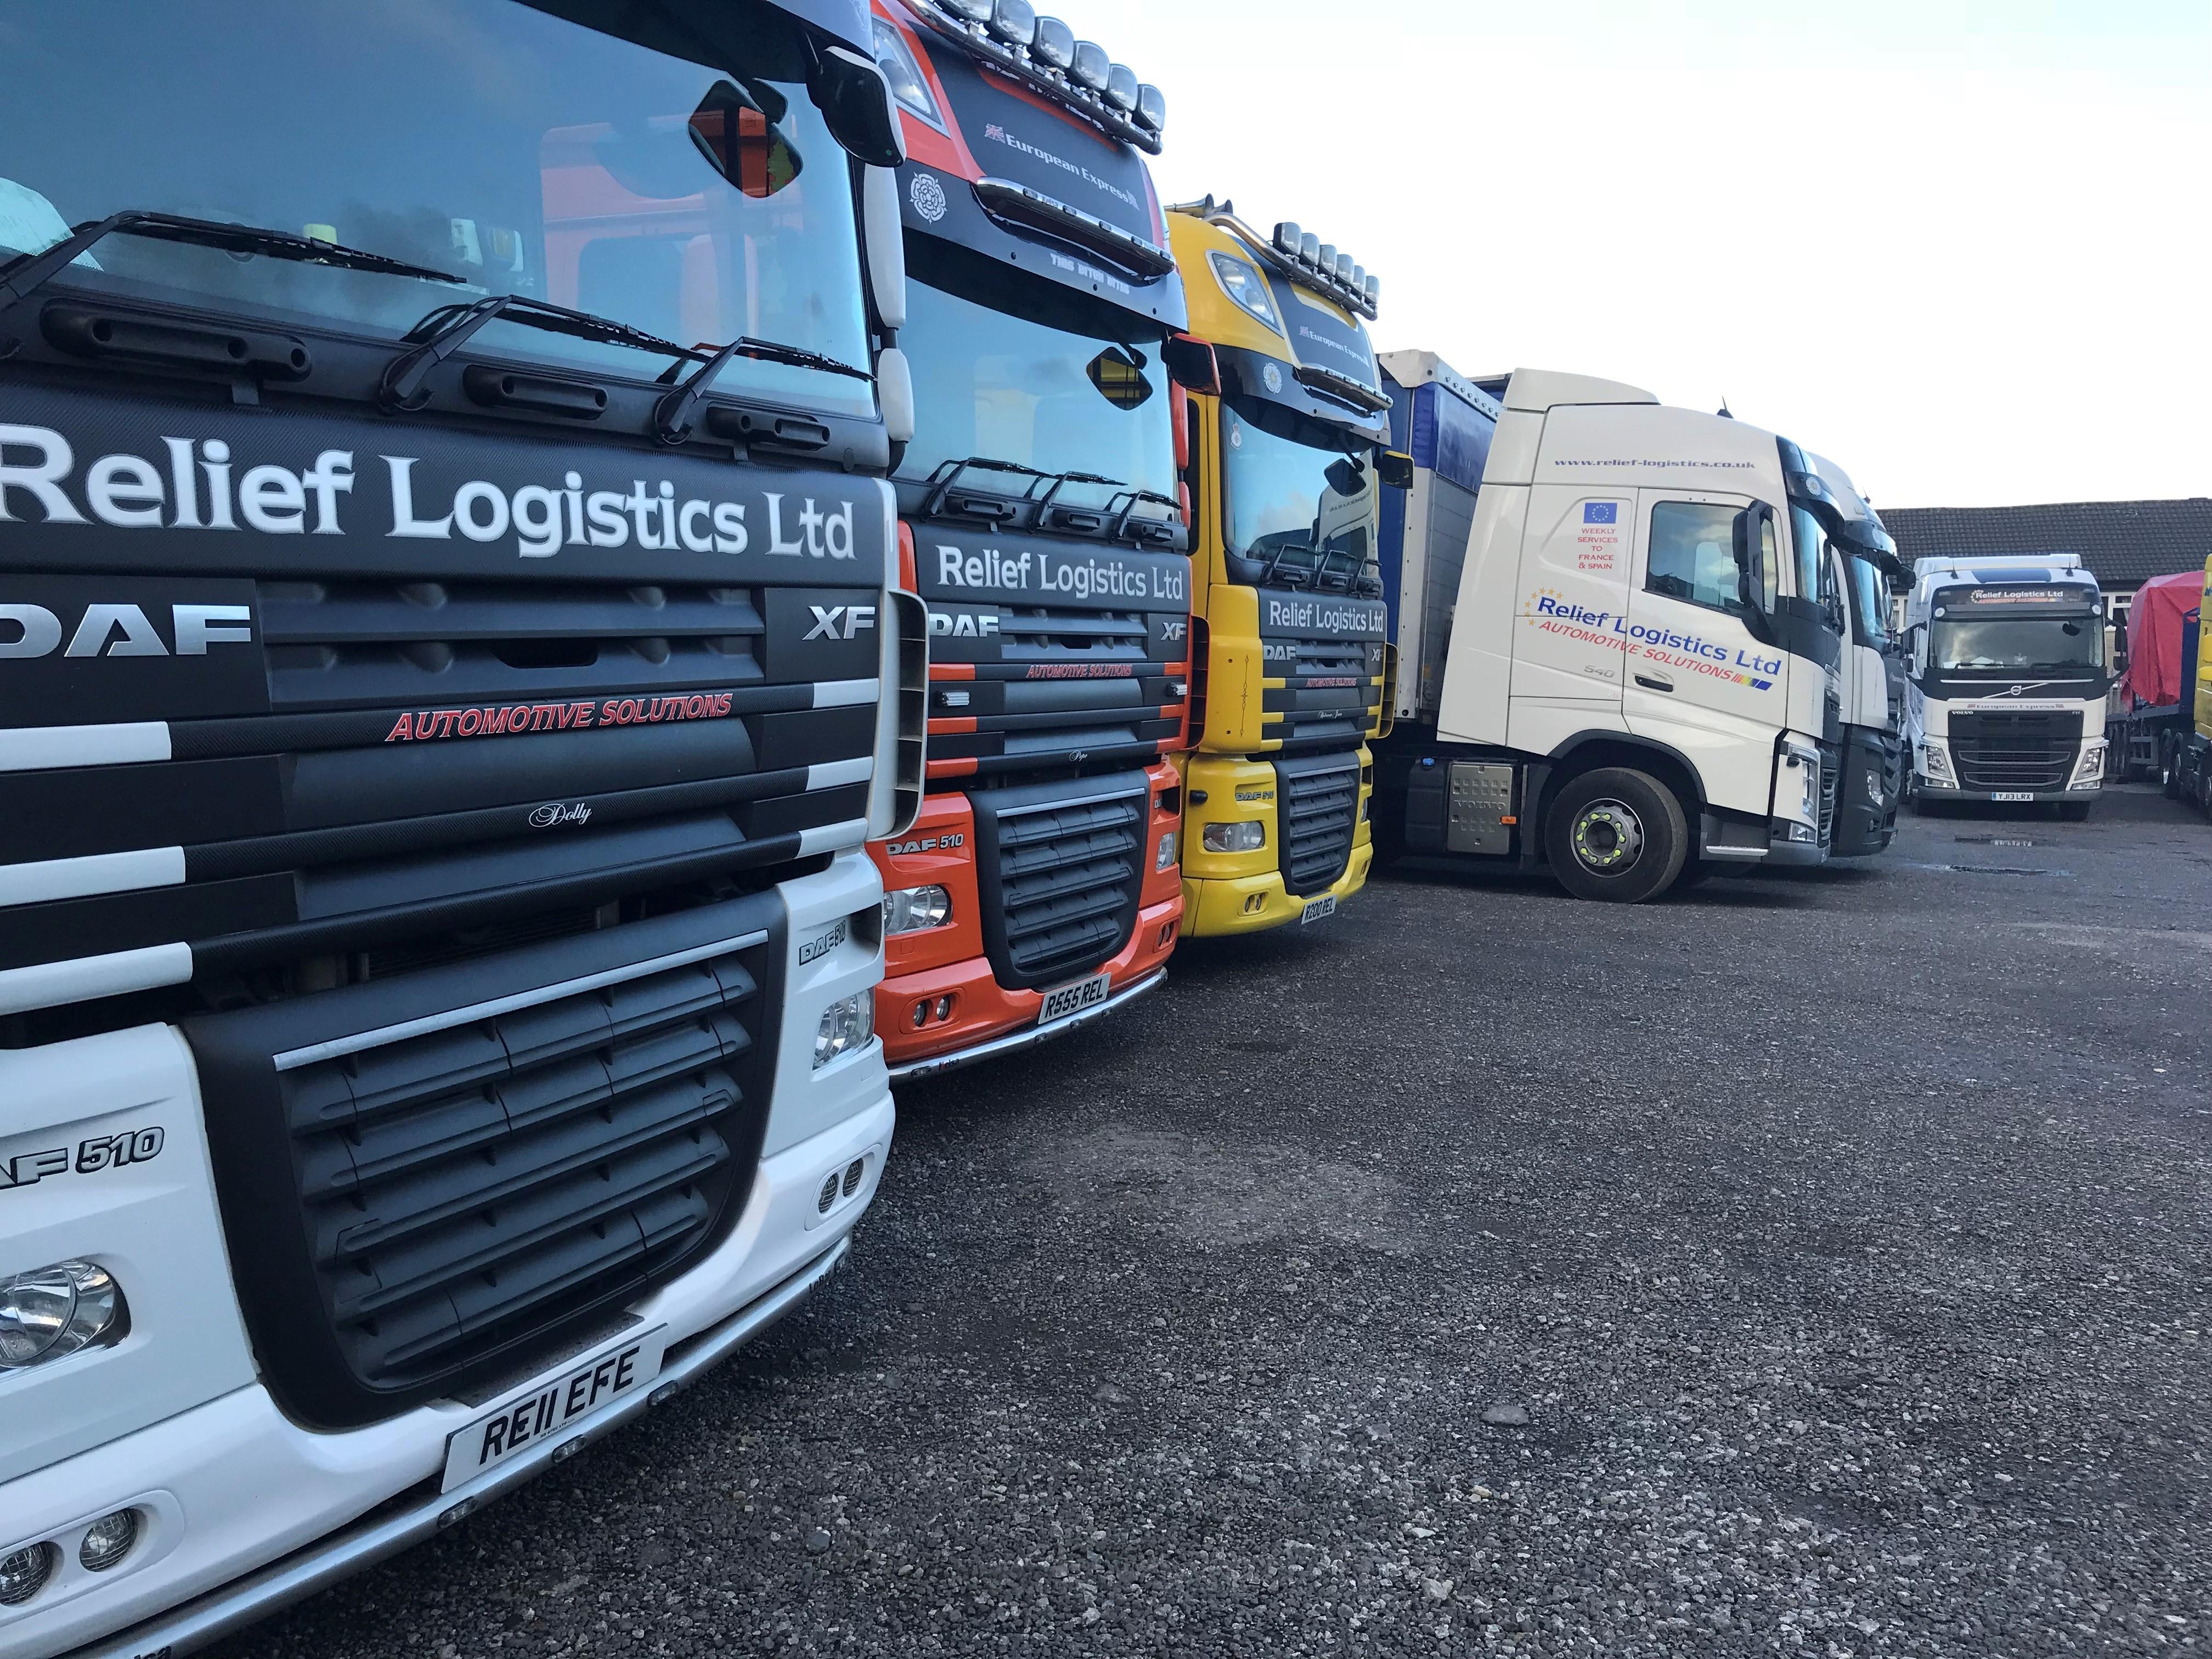 humanitarian logistics jobs